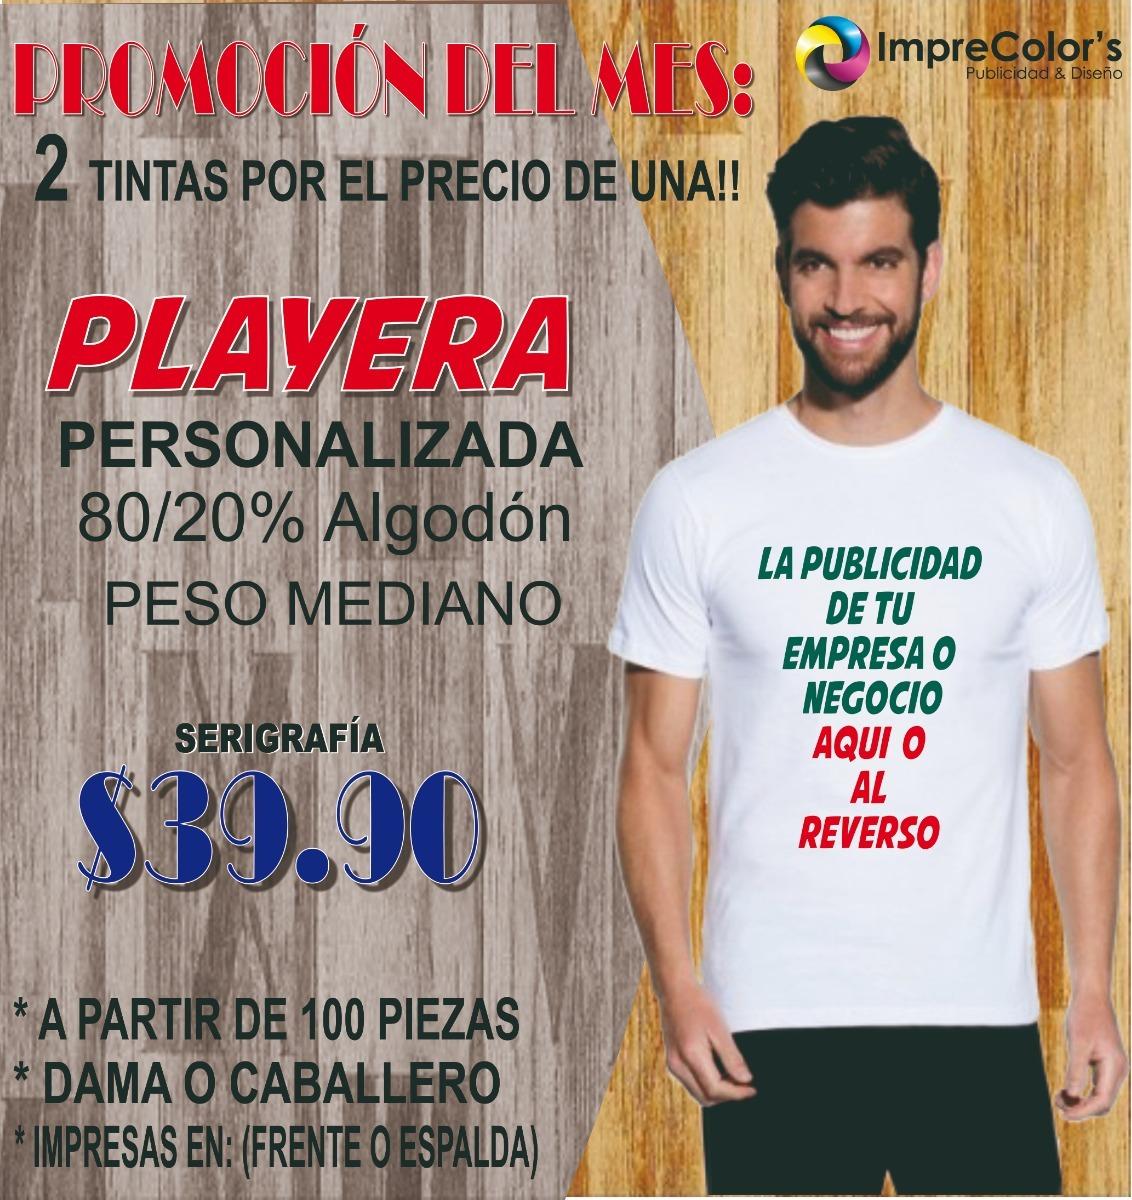 b1314ff515c0b Playera Estampado En Serigrafia 2 Tintas!! -   39.90 en Mercado Libre